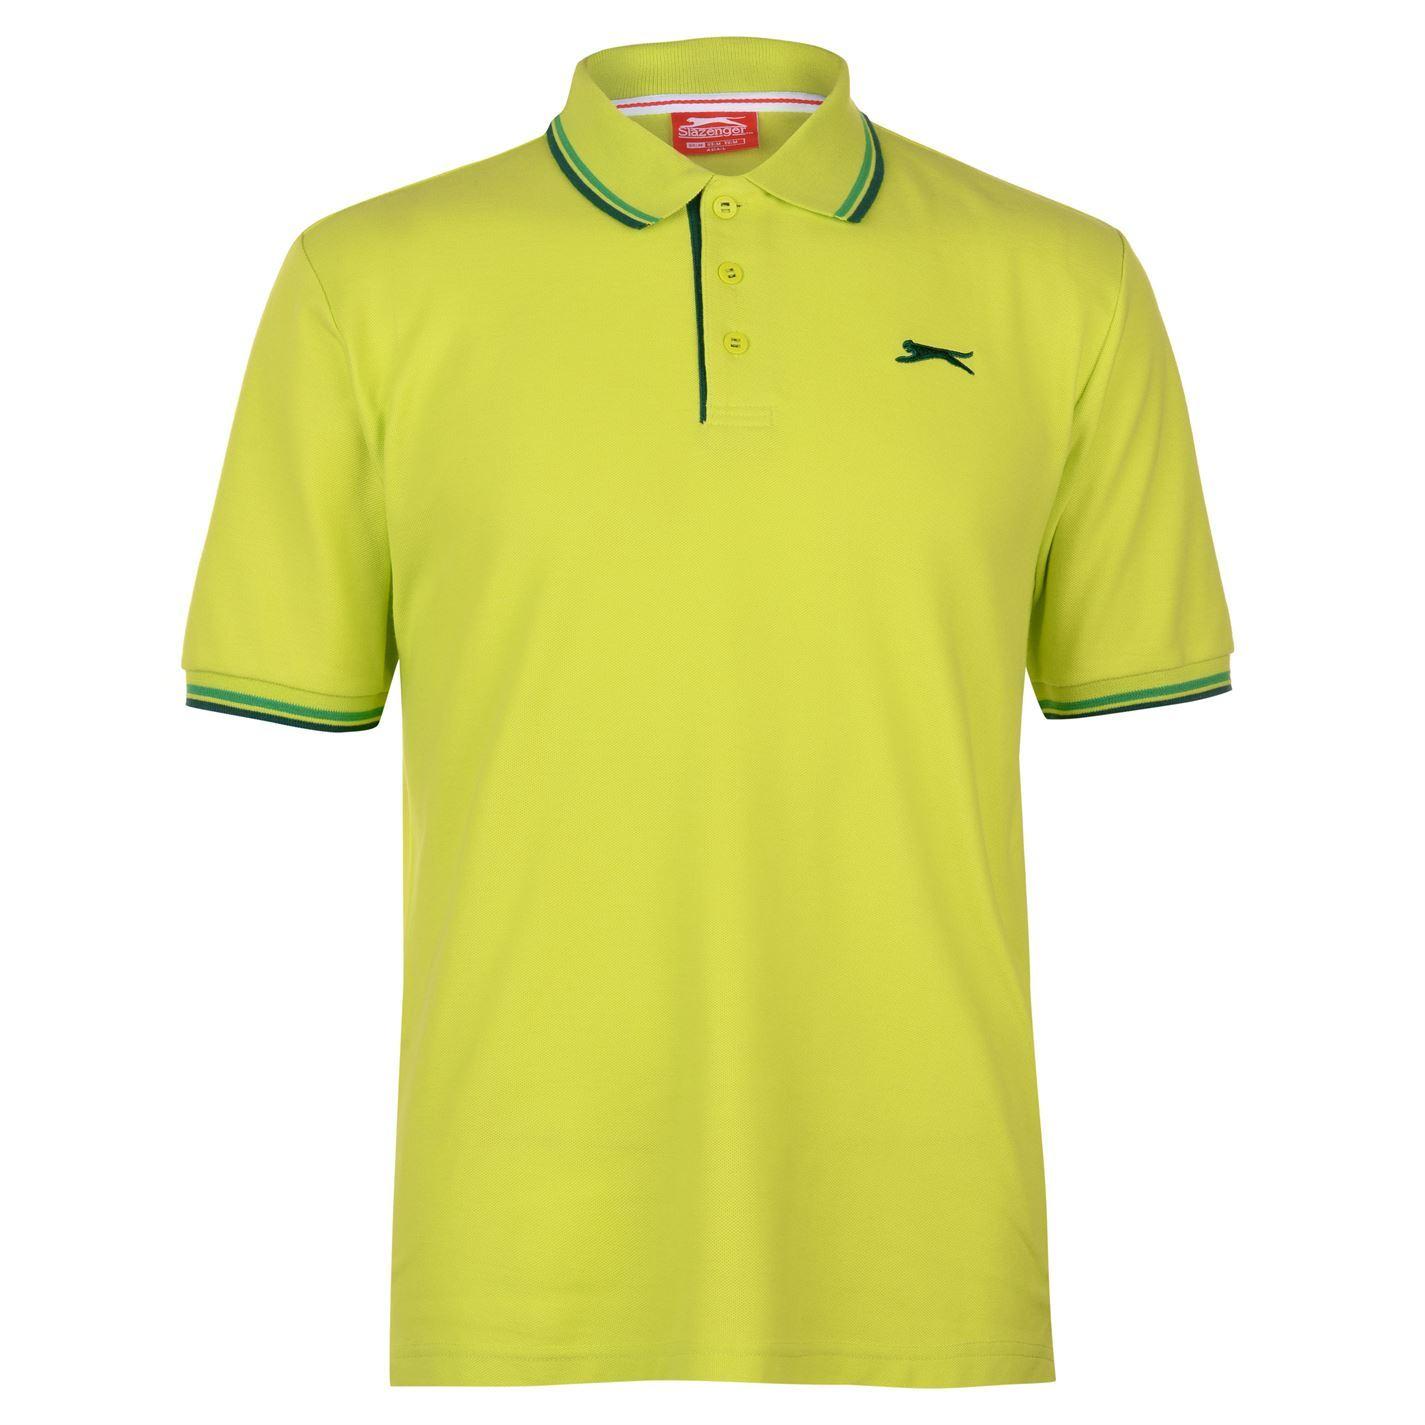 Slazenger-Polo-Camisa-de-hombre-con-cuello-con-Punta-T-Shirt-Top-Camiseta-Tee miniatura 50